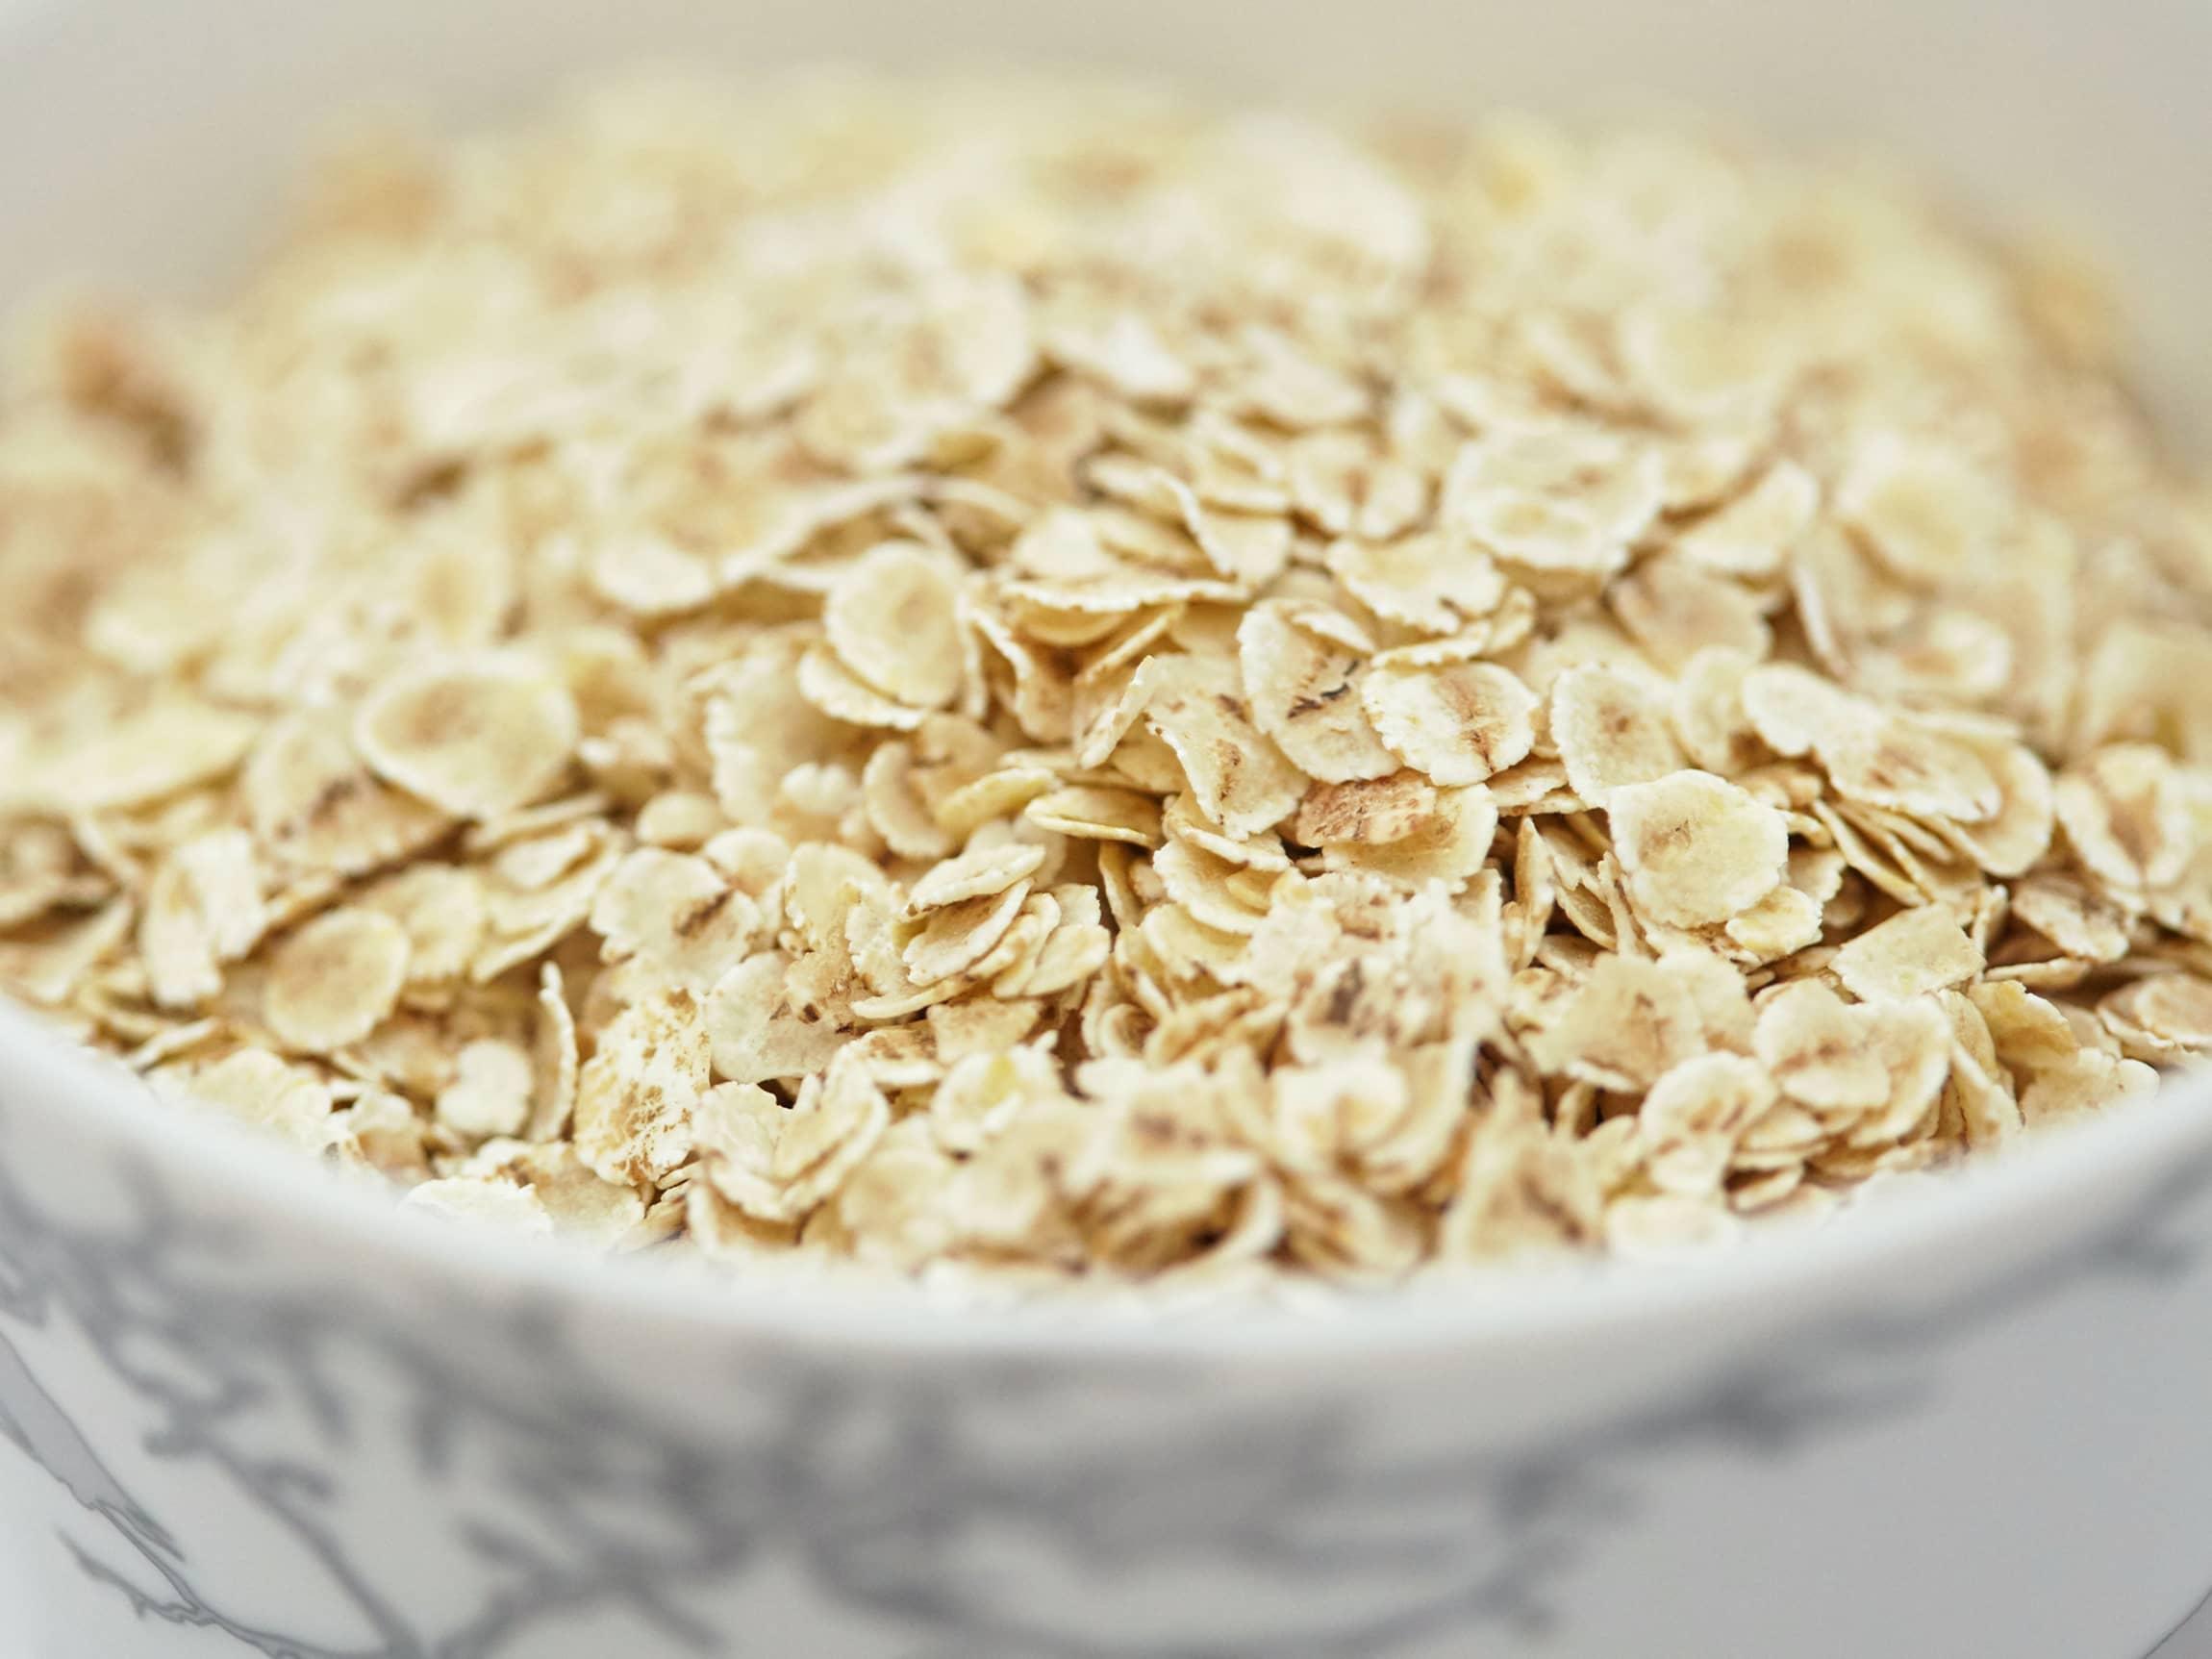 Byggryn inneholder en rekke gunstige næringsstoffer - en perfekt start på dagen